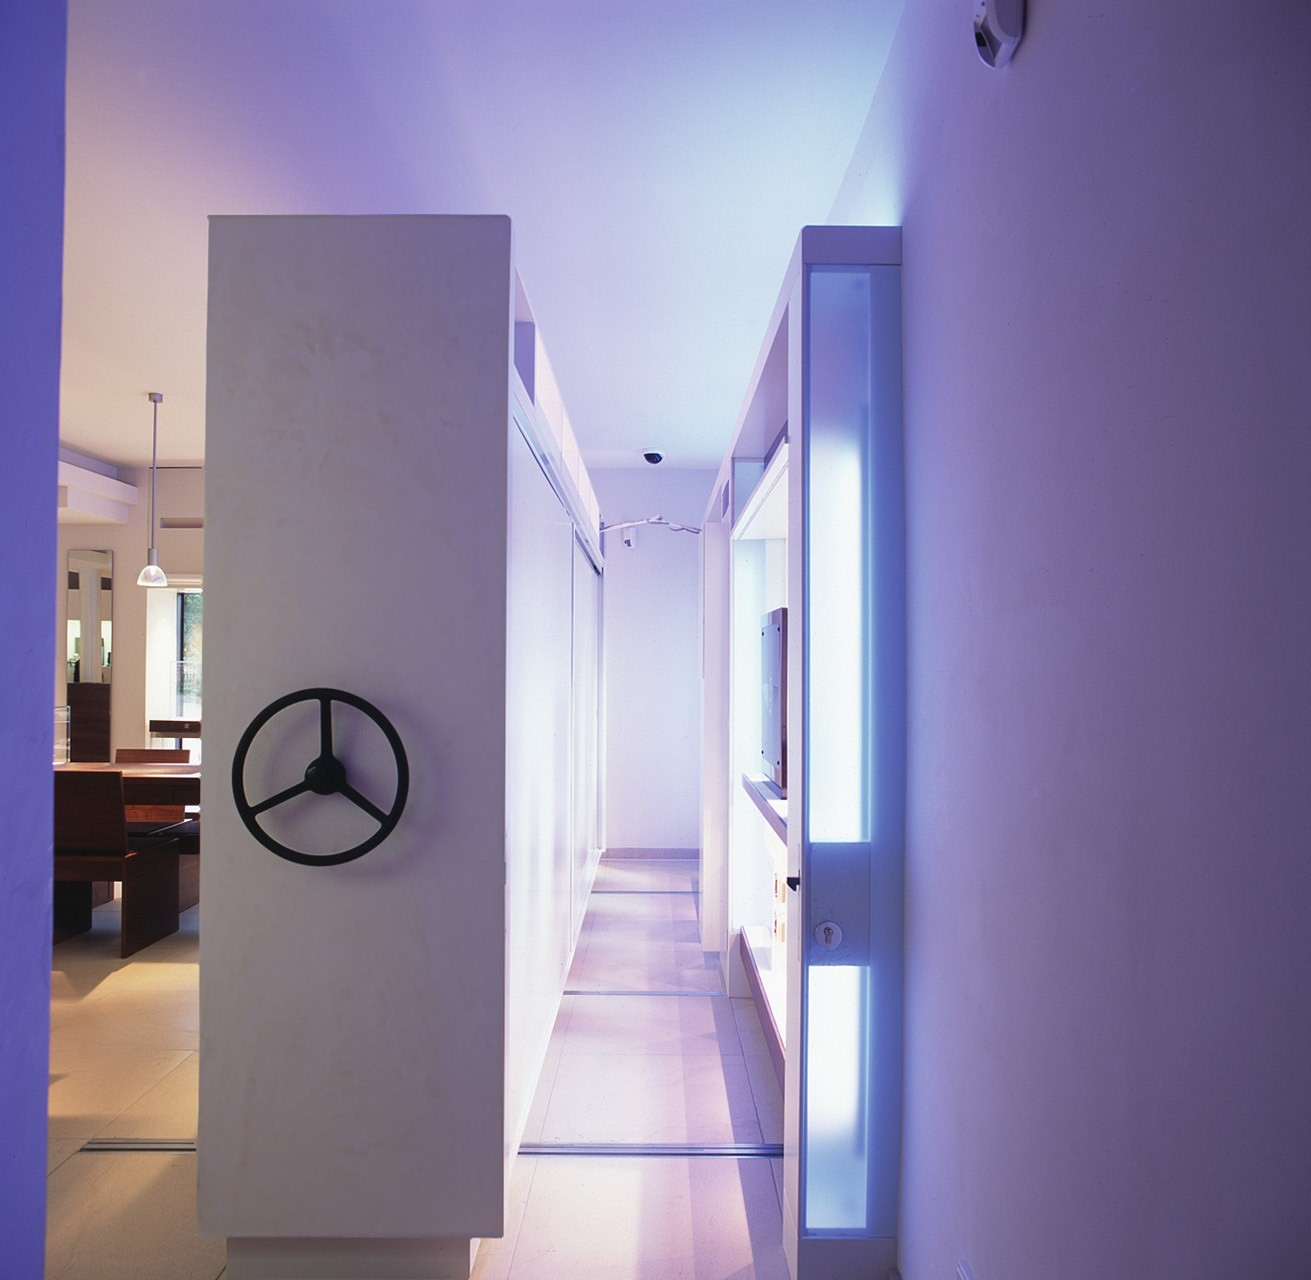 architektur-plus-raum-juwelier-mueller-10_Katego-header-7